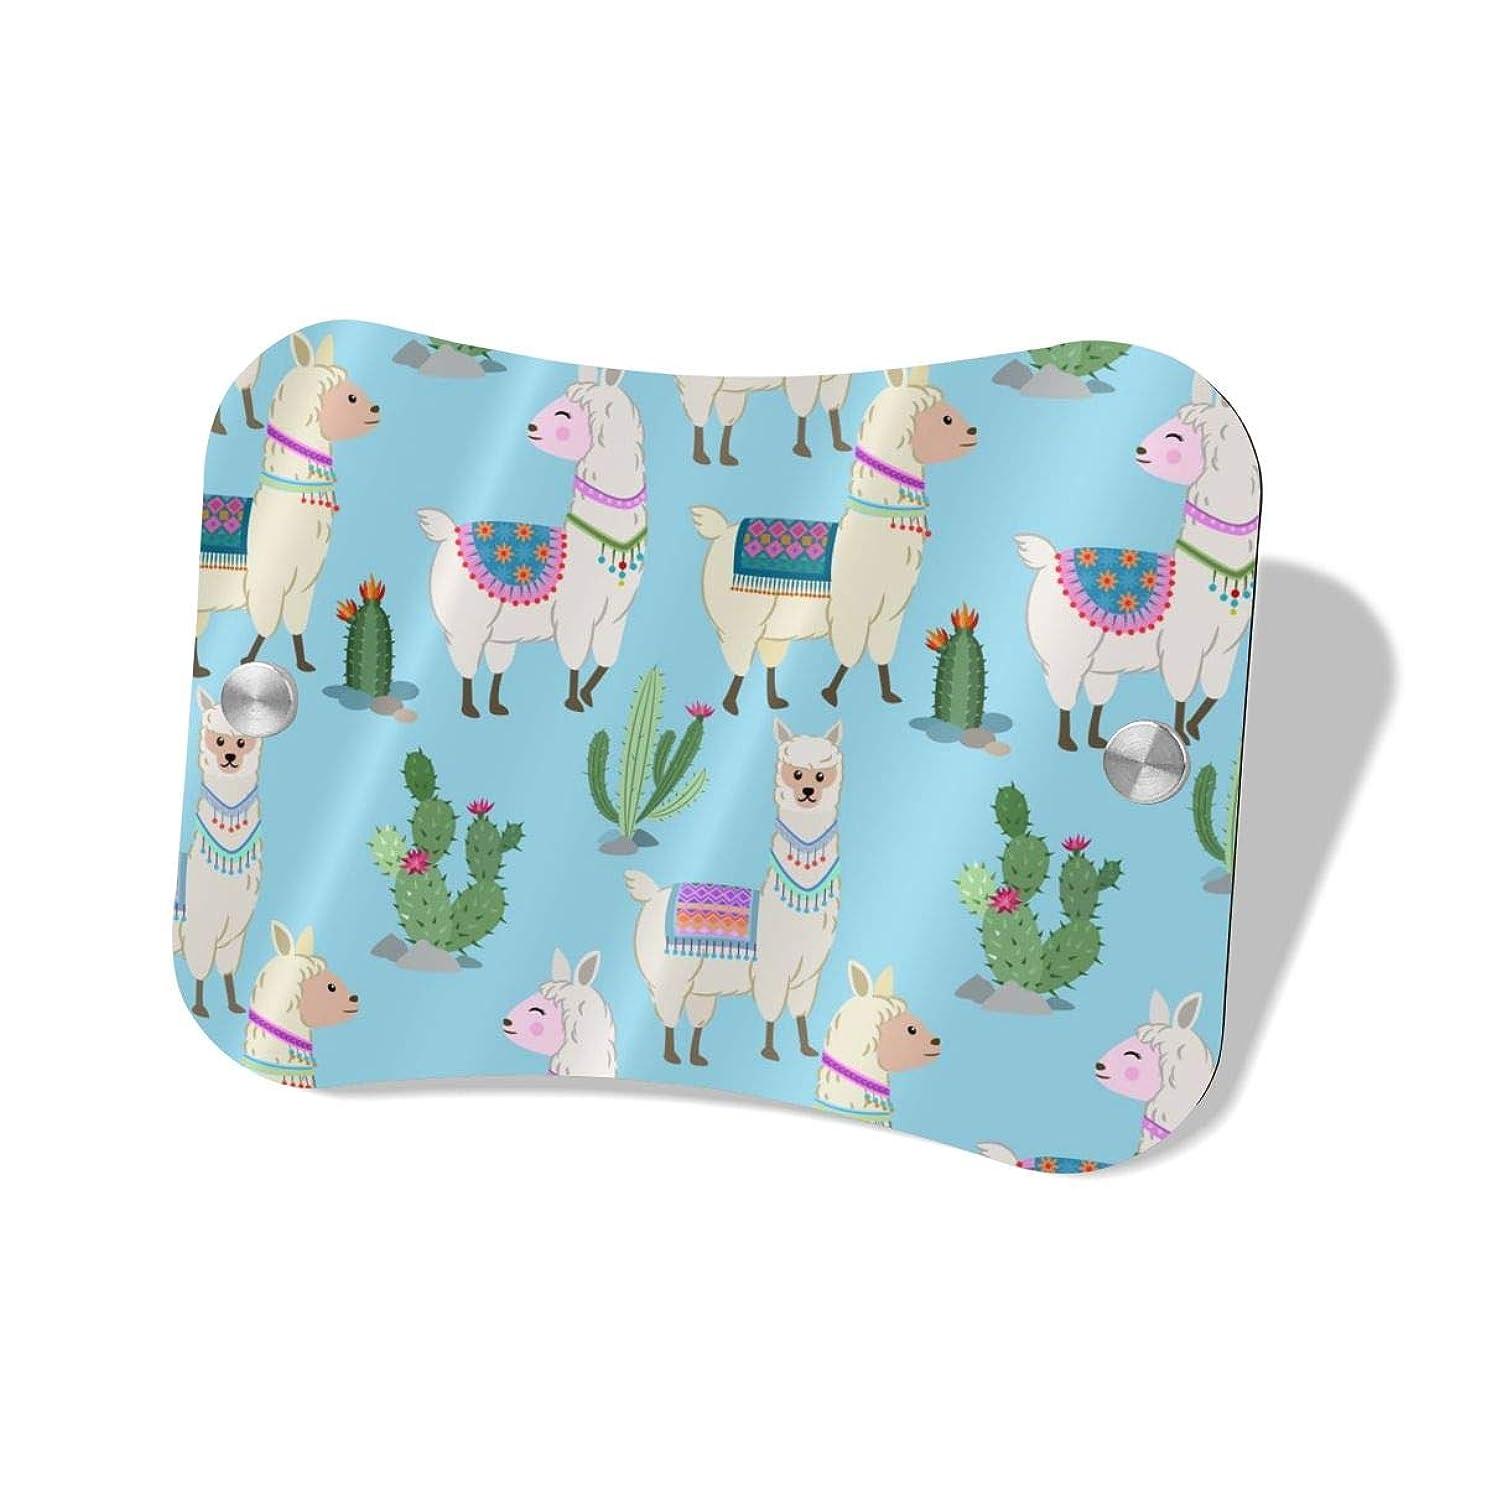 ペインティング妖精思いやりHappy Llama And Cactus ハイエンドのファッションシンプルで絶妙な人気の枕形の表札